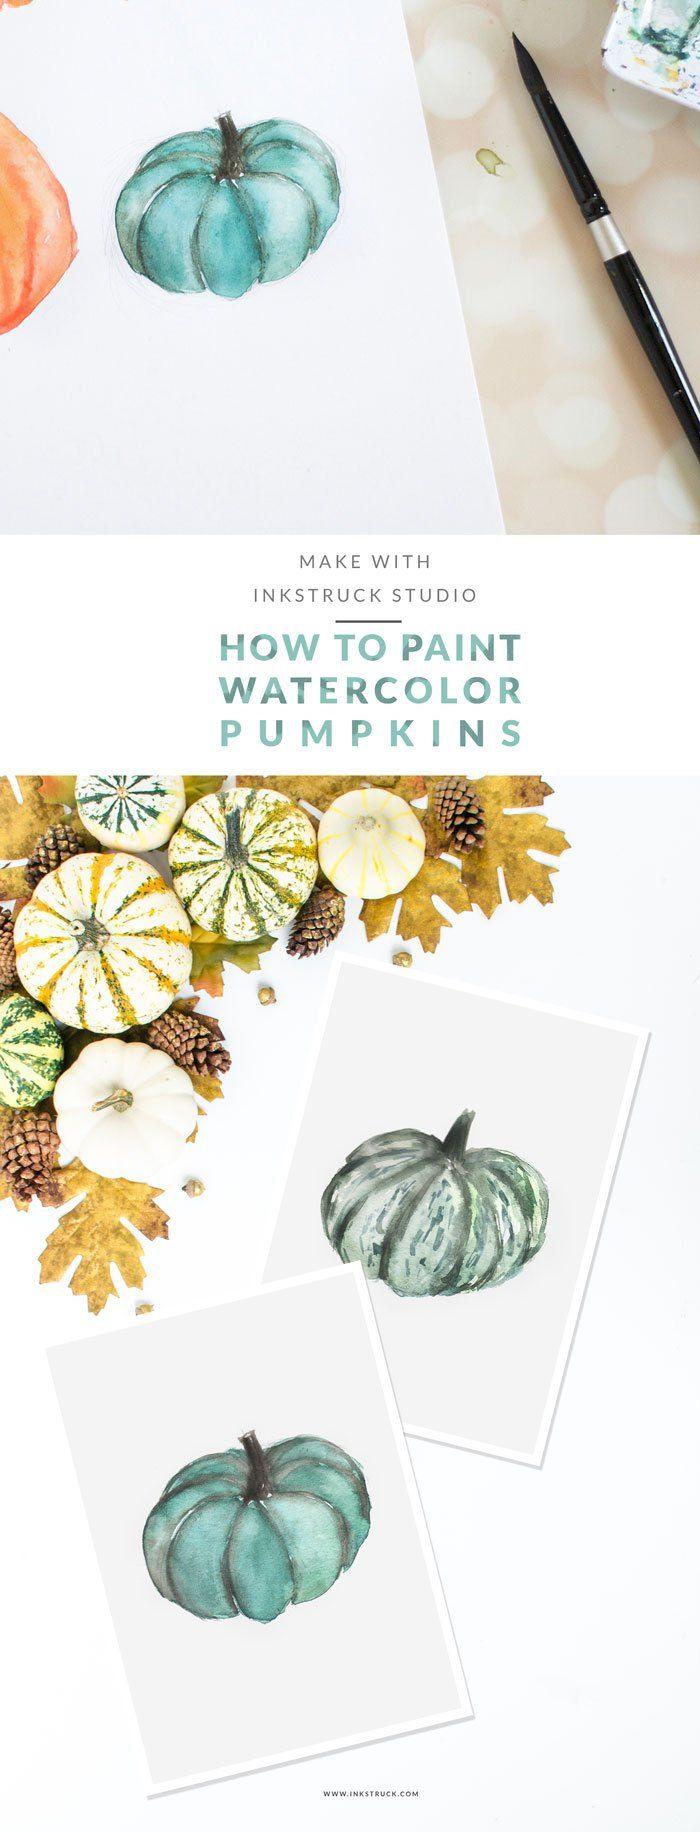 Watercolor pumpkin tutorial | Inkstruck Studio